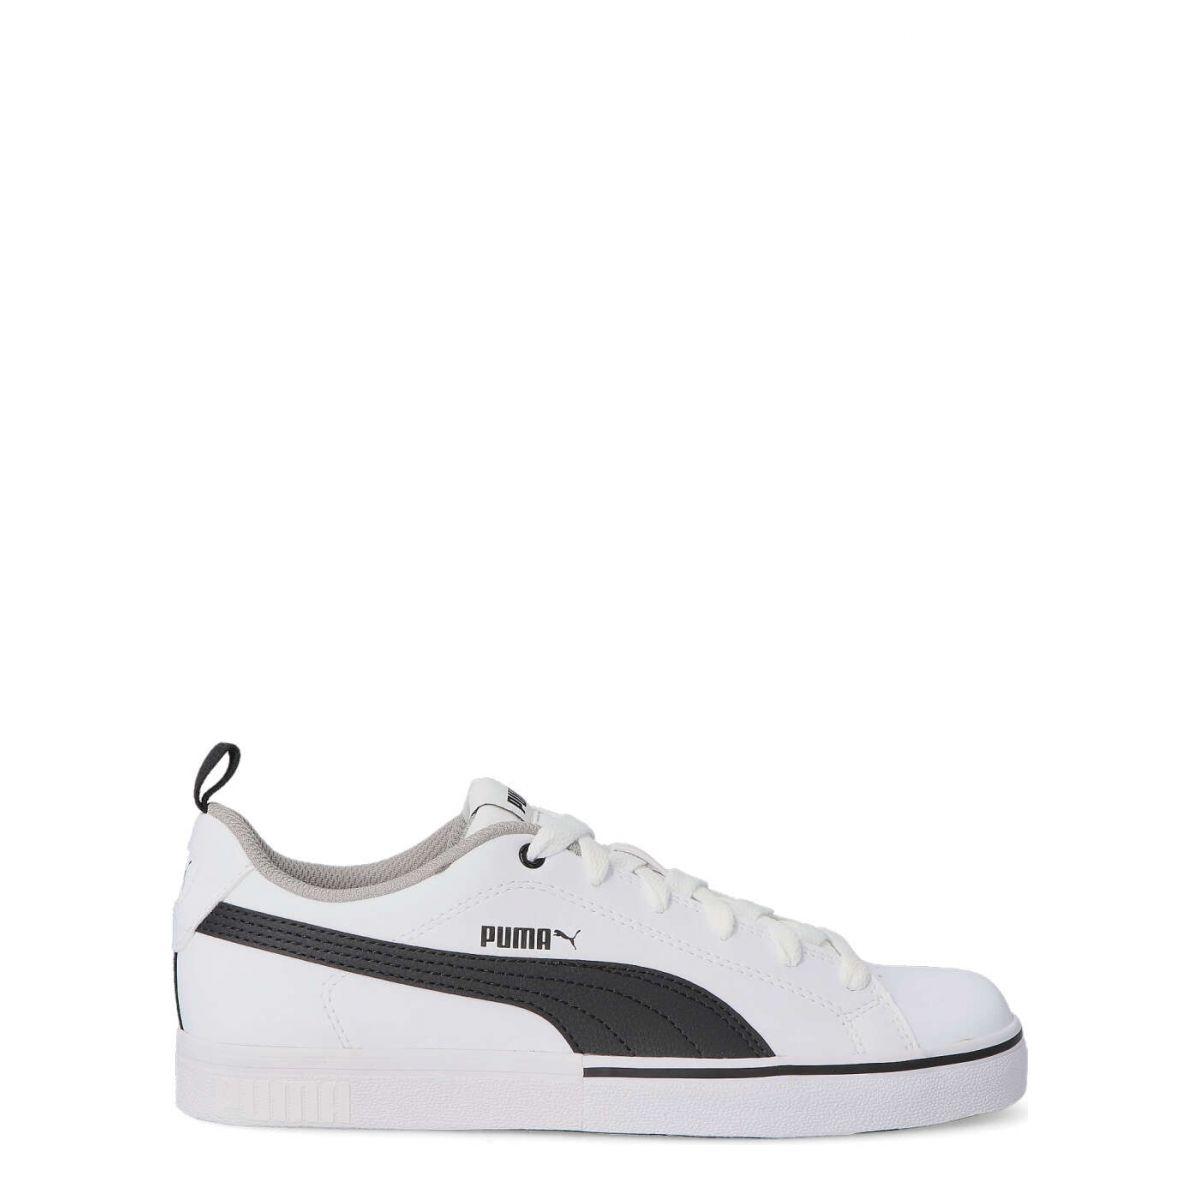 PUMA Sneakers Casual Cómodo De Hombre PUM 372290 BLANCO